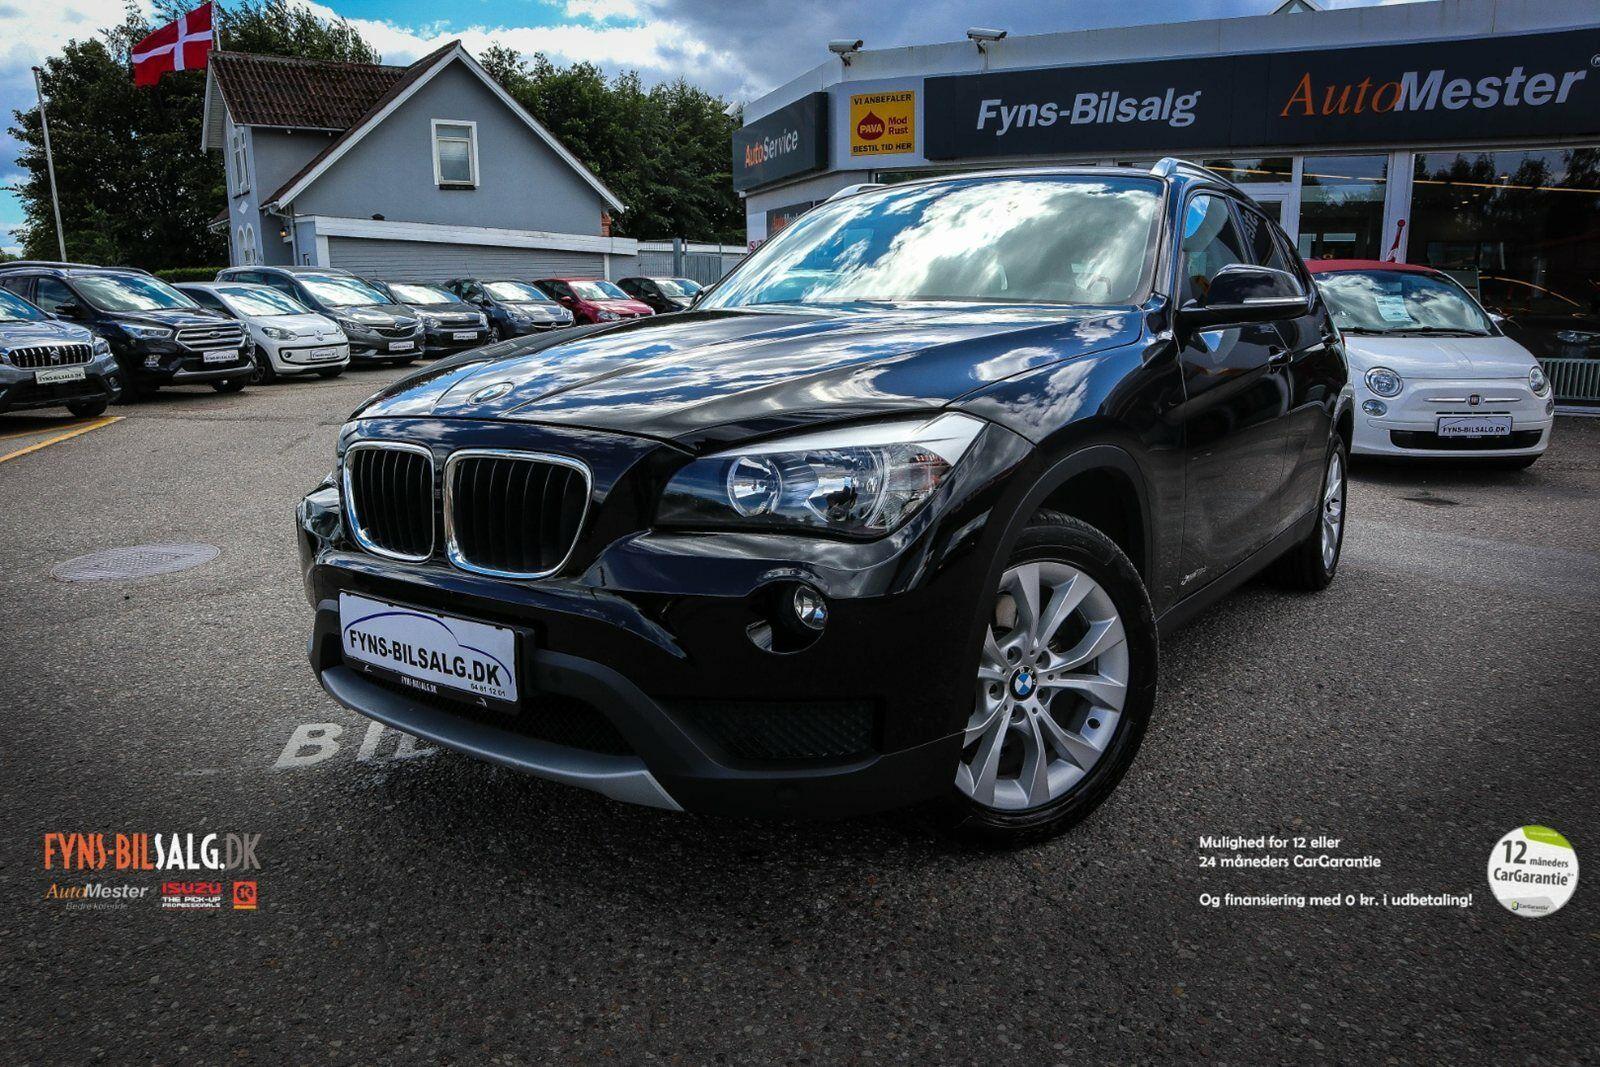 BMW X1 2,0 xDrive18d aut. 5d - 229.900 kr.